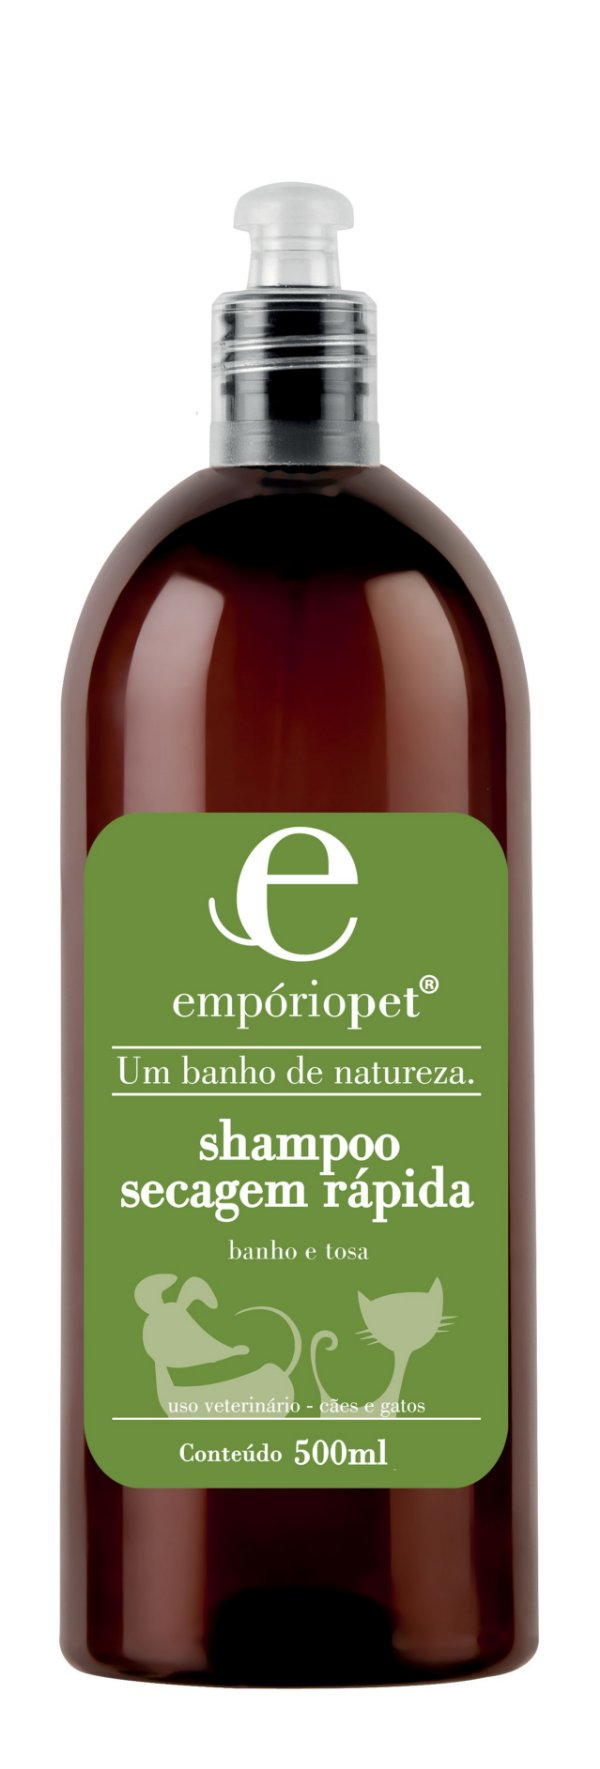 Shampoo Secagem Rápida Empóriopet